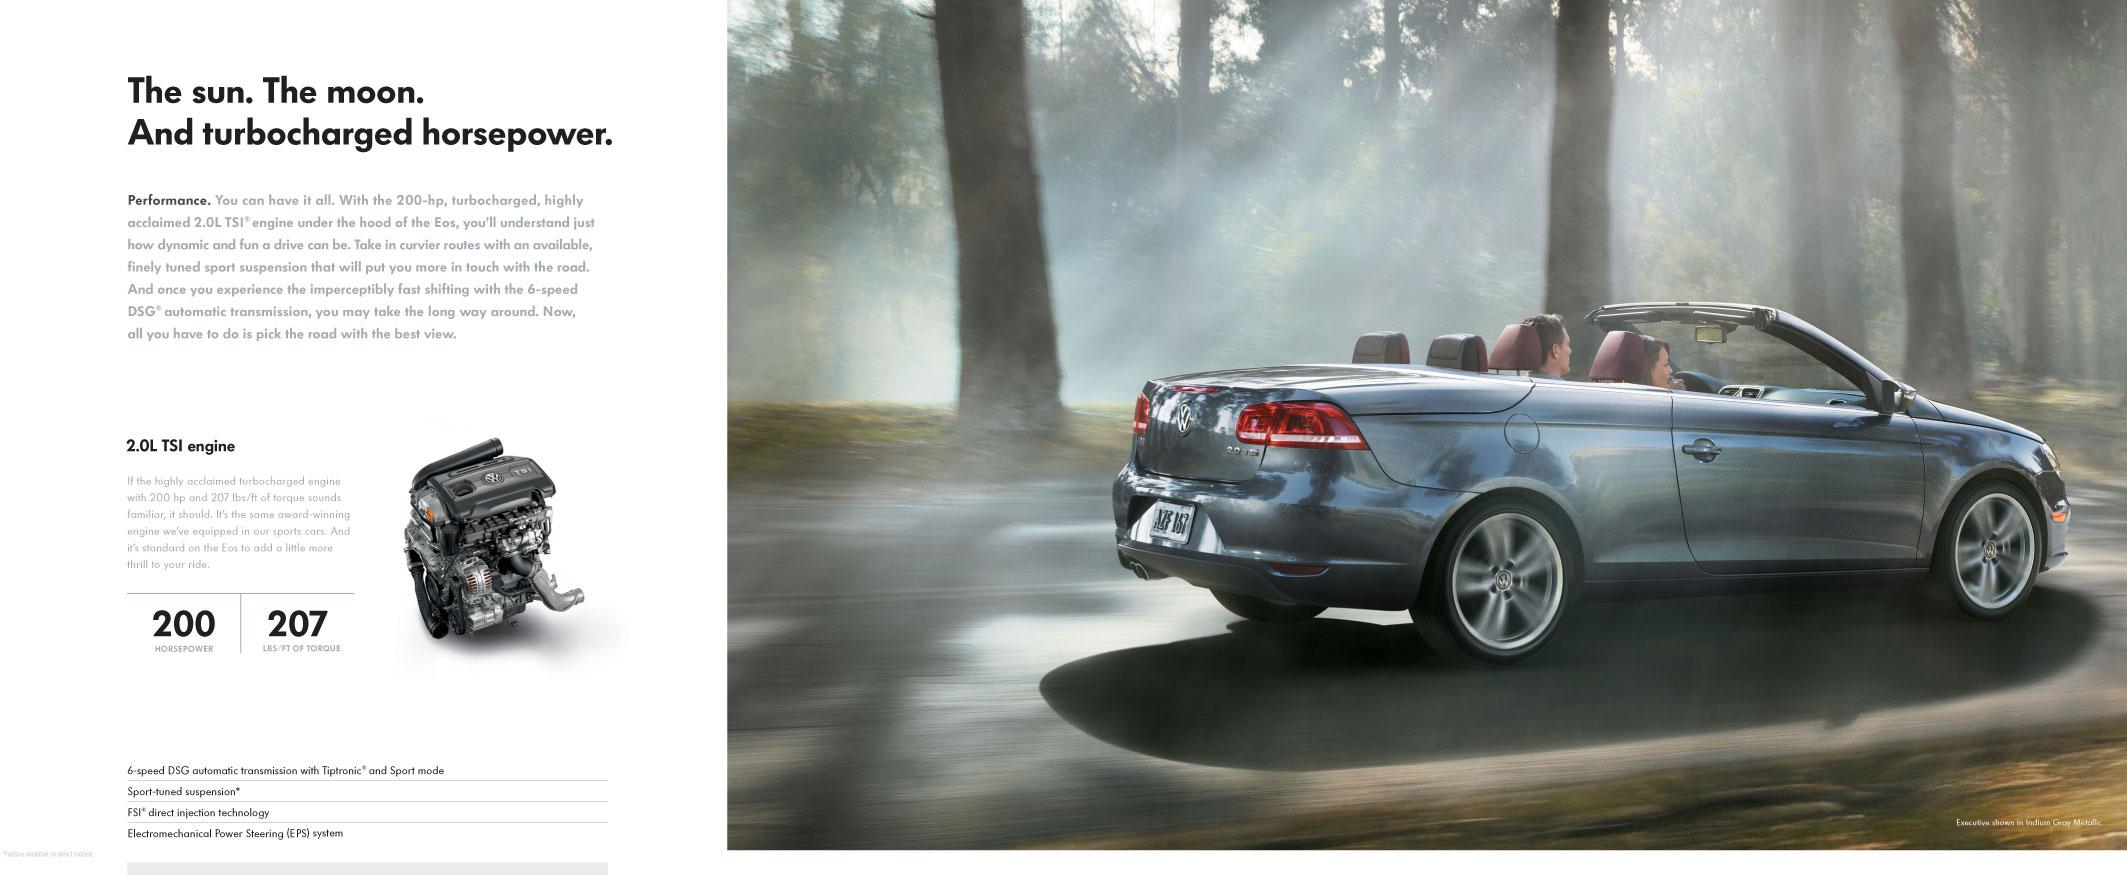 VW_MY15_Eos_Brochure_Digital-(dragged).jpg